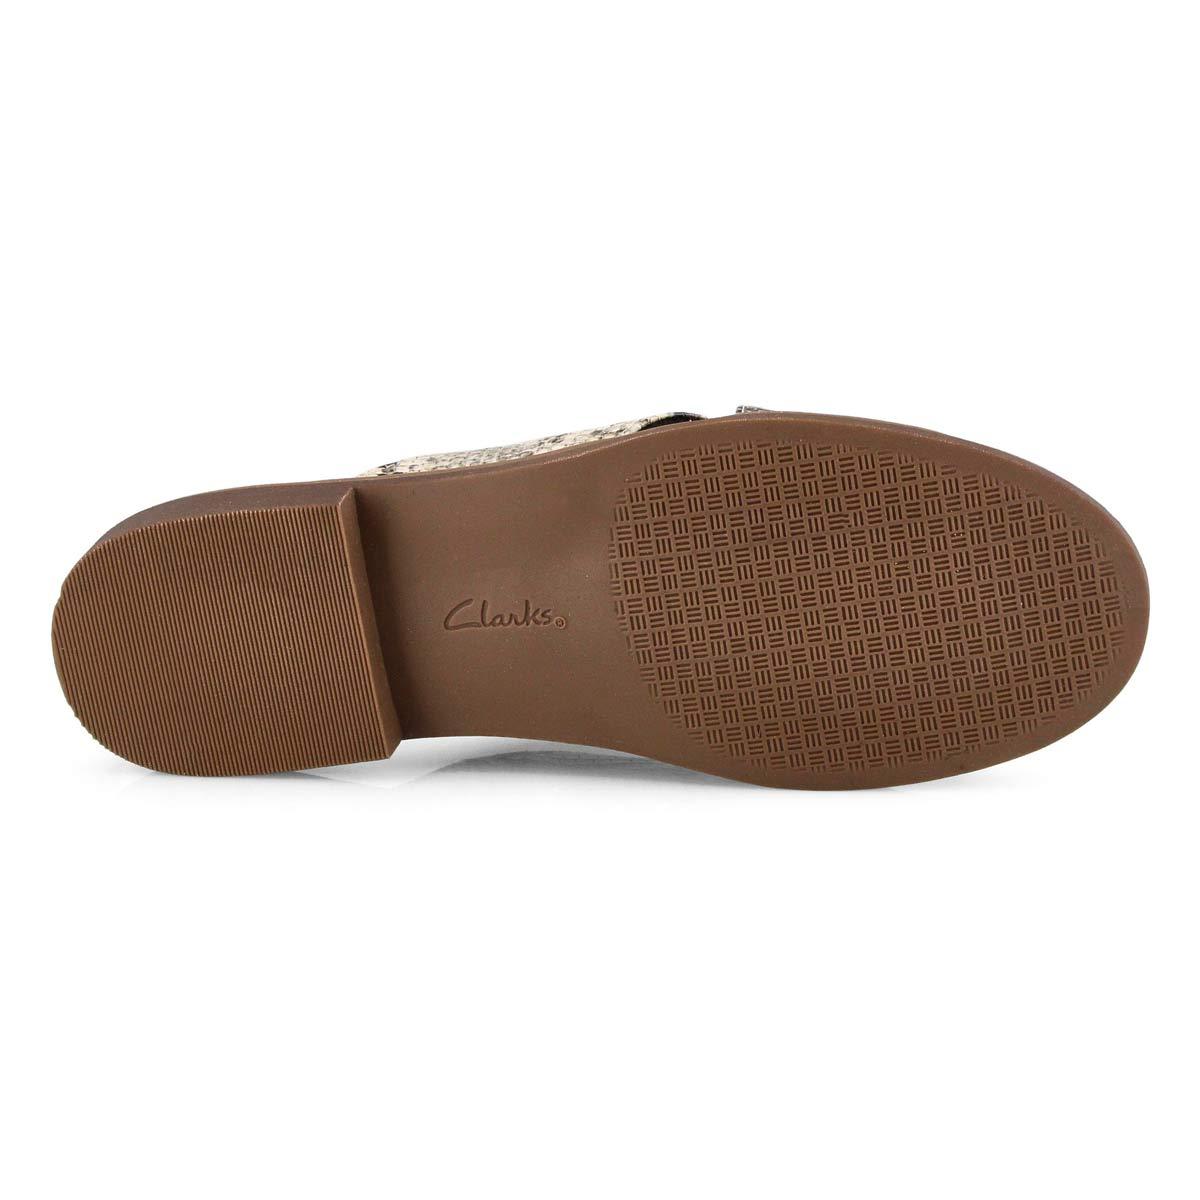 Lds Declan Ivy taupe snake slide sandals